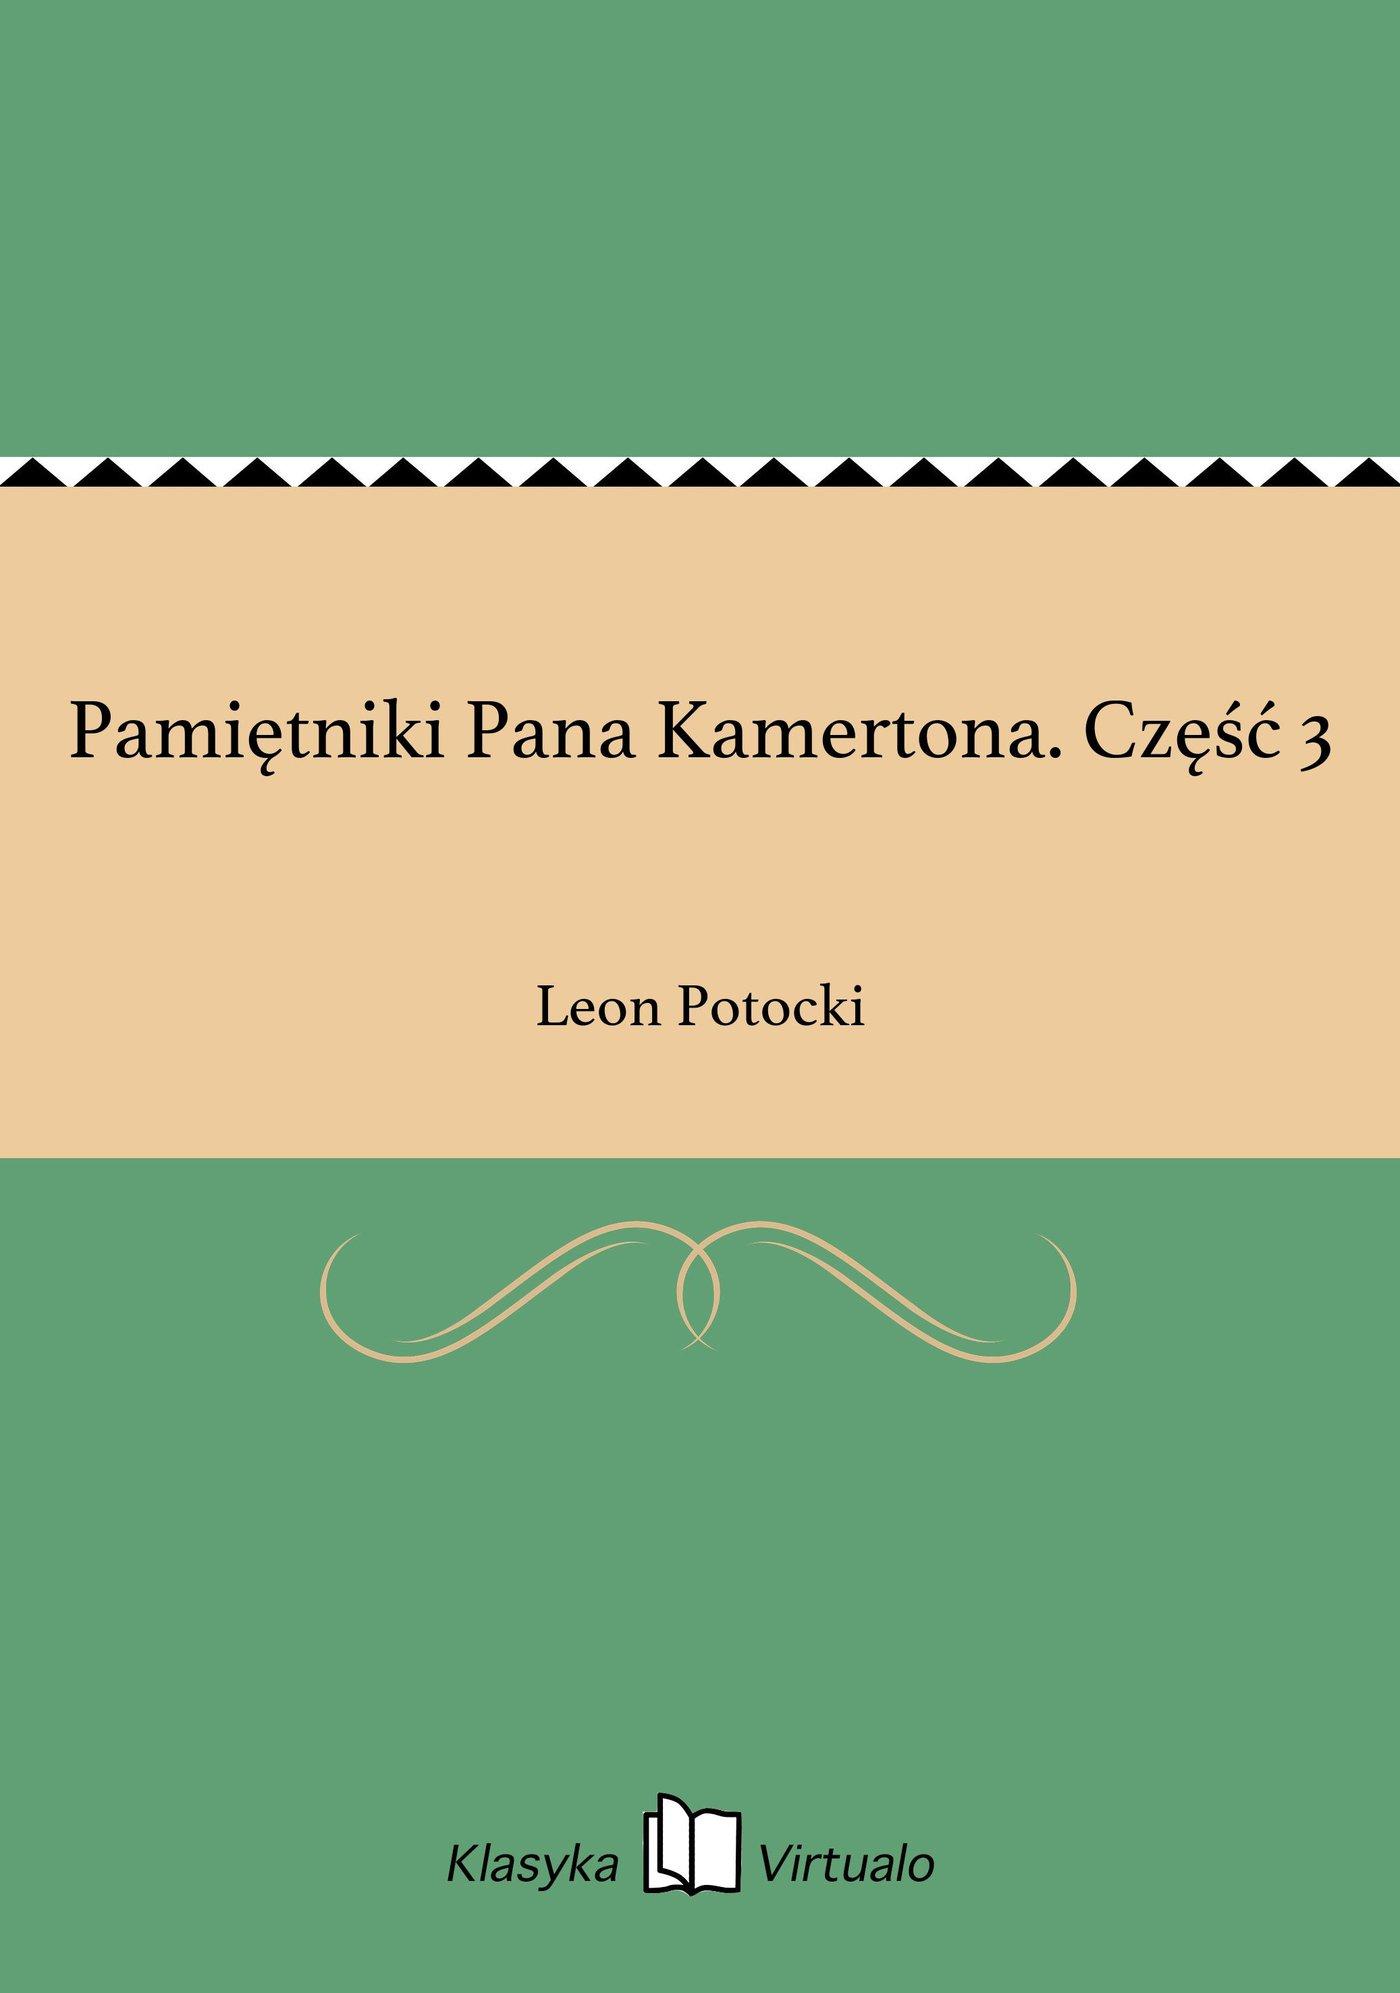 Pamiętniki Pana Kamertona. Część 3 - Ebook (Książka EPUB) do pobrania w formacie EPUB